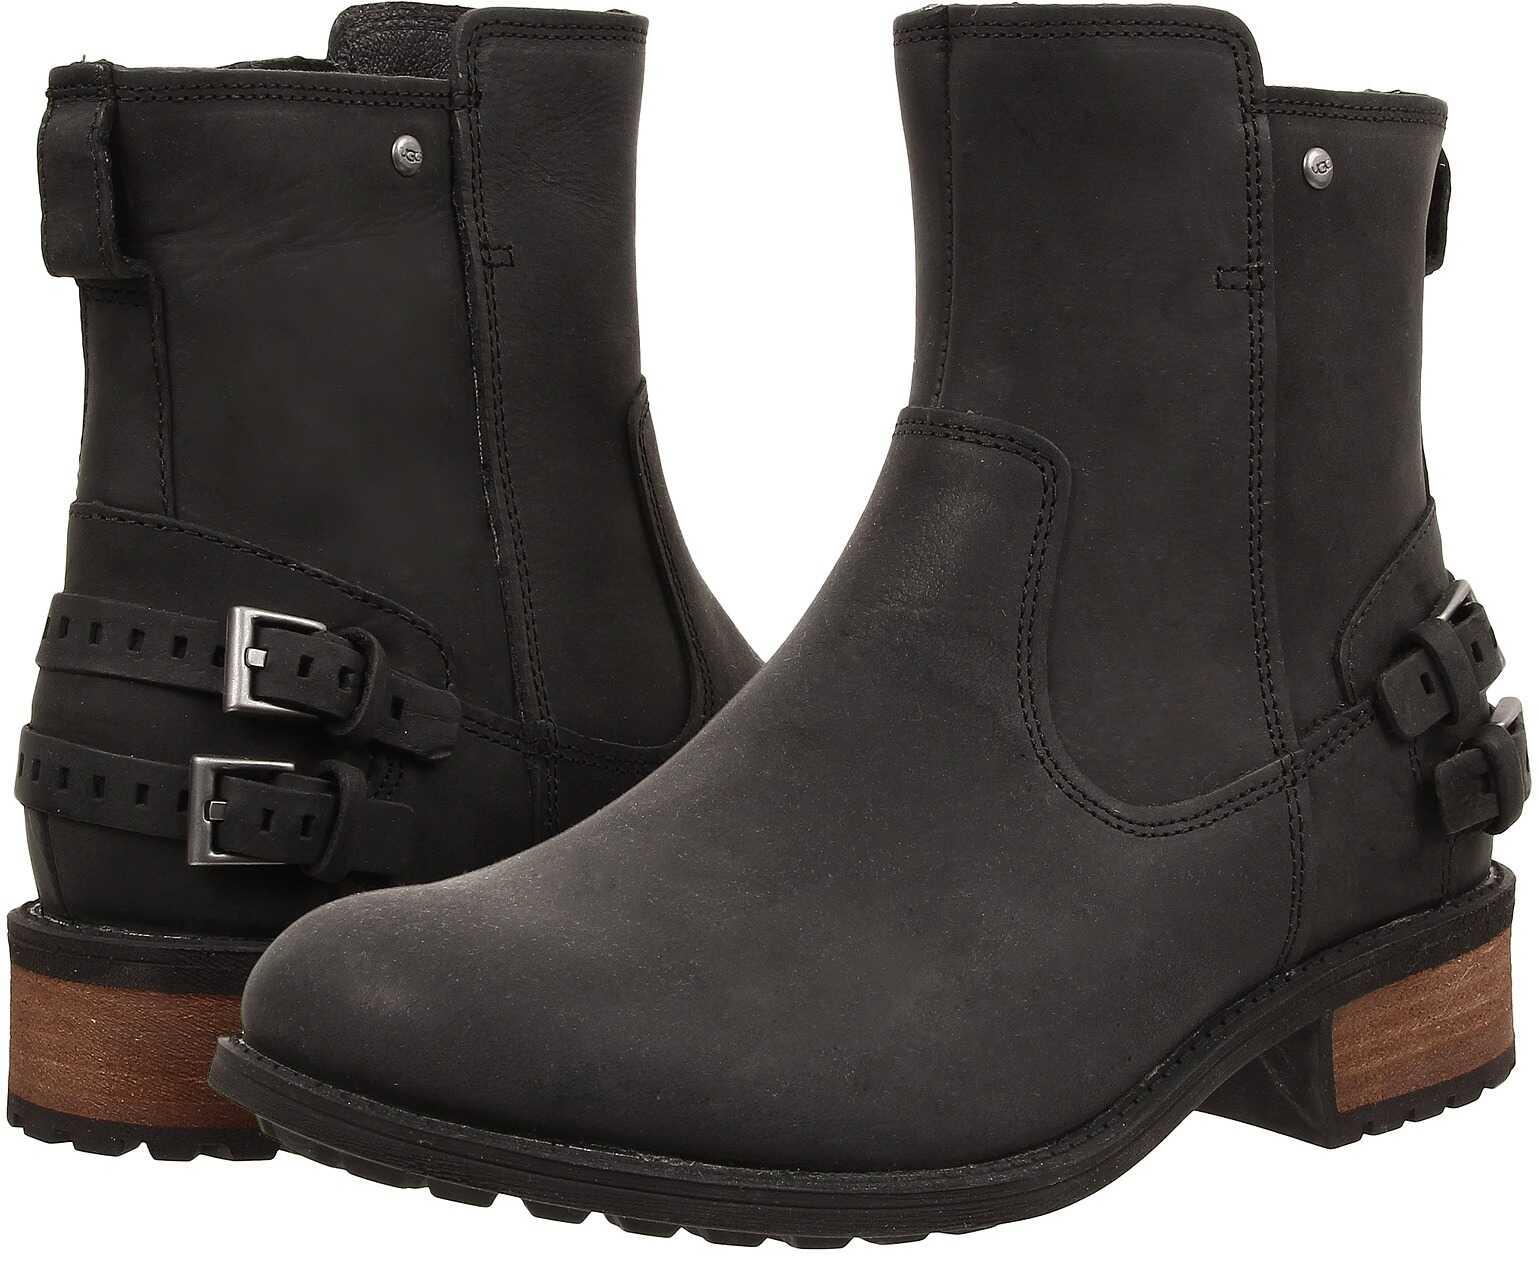 UGG Orion Black Leather